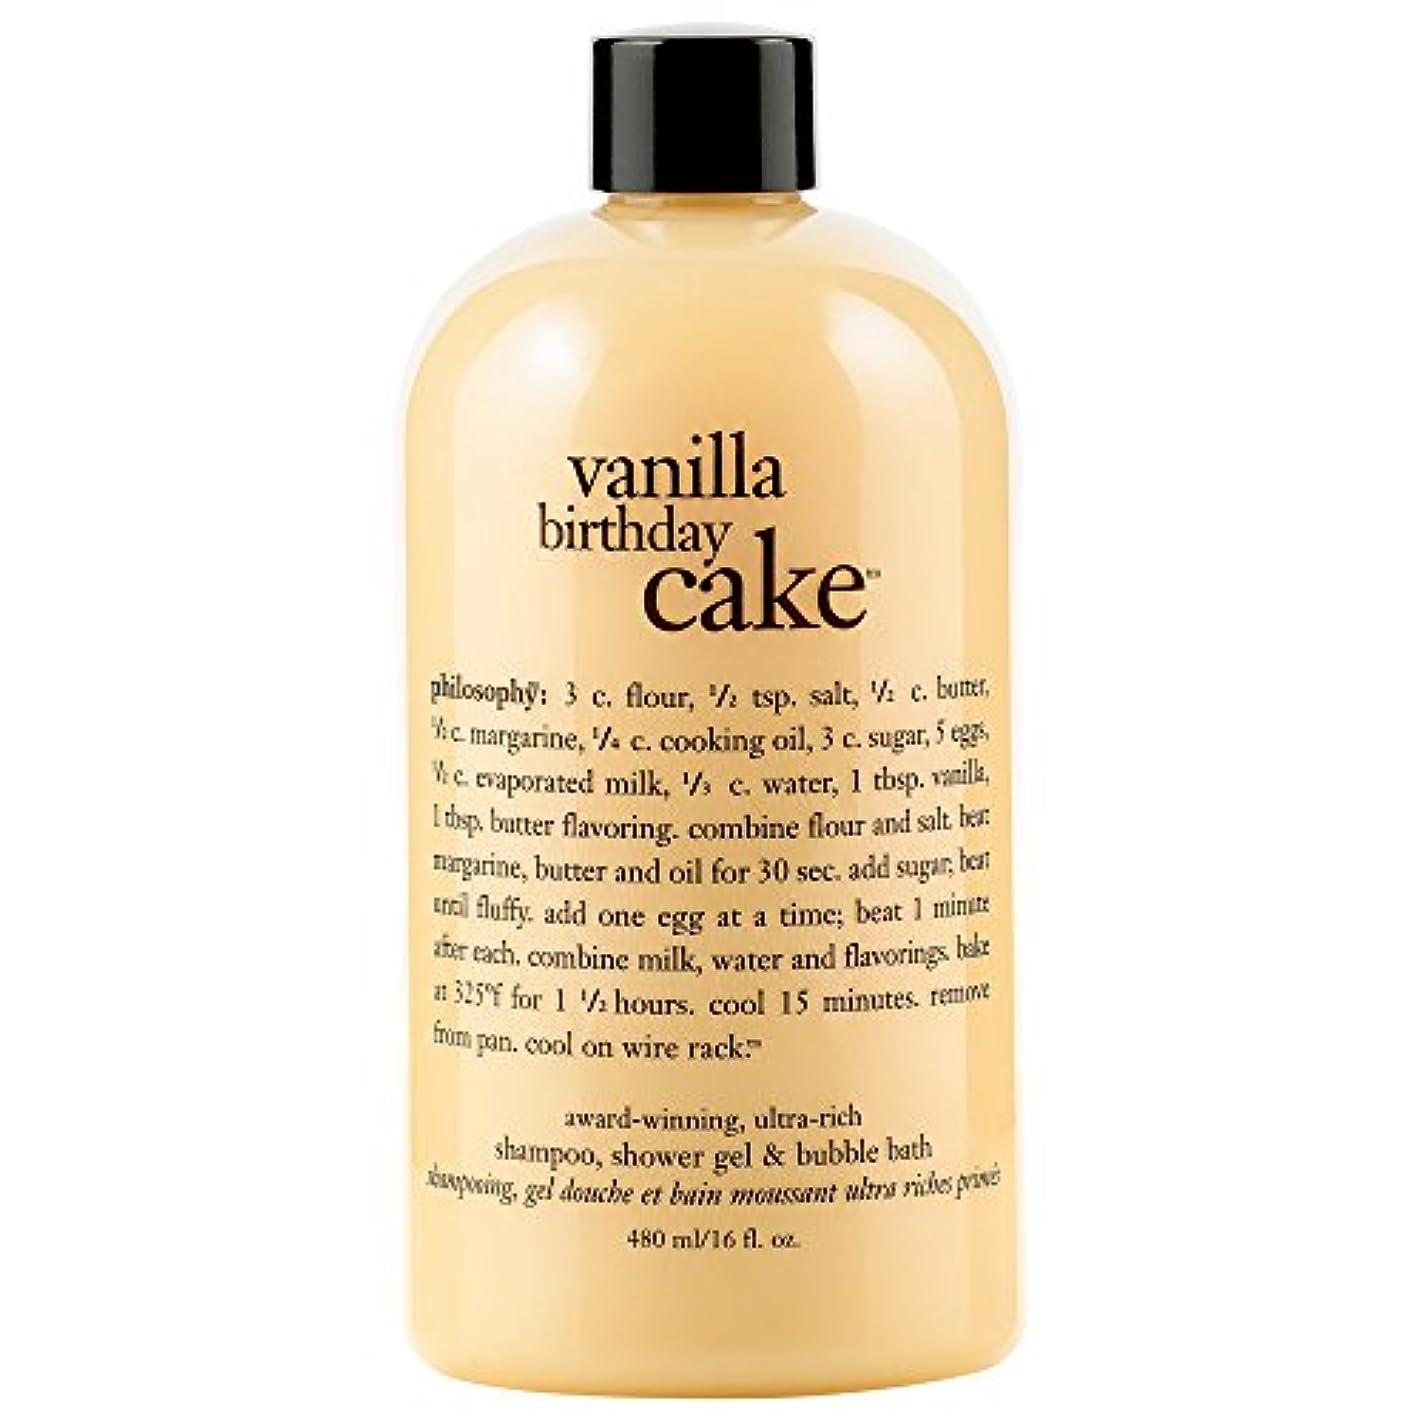 団結露出度の高いスリラー哲学バニラバースデーケーキシャンプー/シャワージェル/バブルバス480ミリリットル (Philosophy) (x6) - Philosophy Vanilla Birthday Cake Shampoo/Shower...